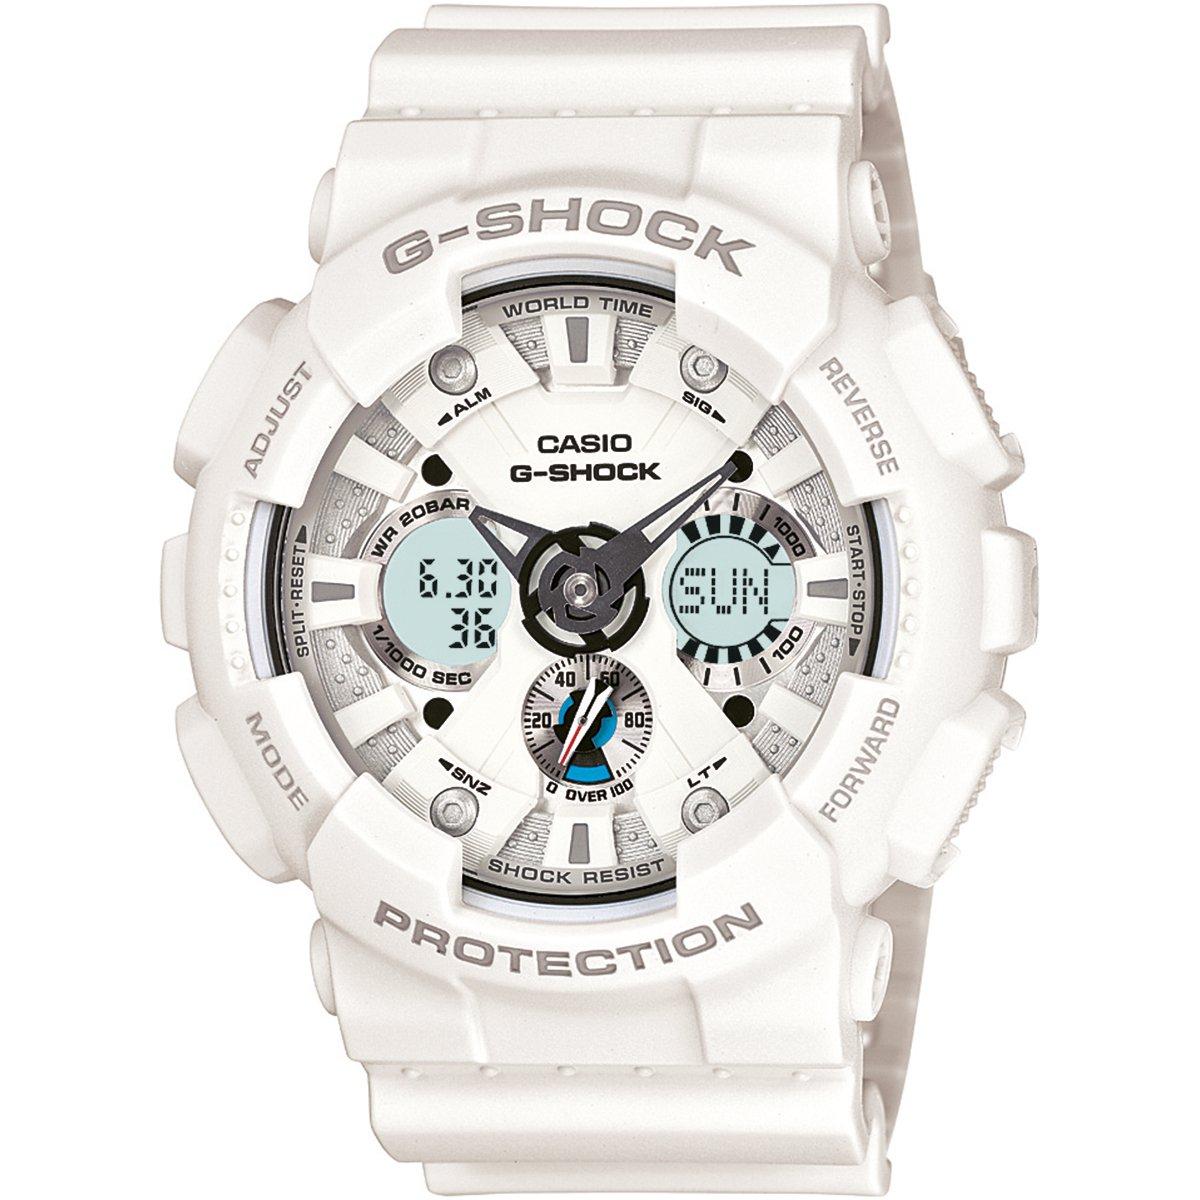 cb6fd4722b1 Relógio G-Shock Digital GA-120 - Compre Agora